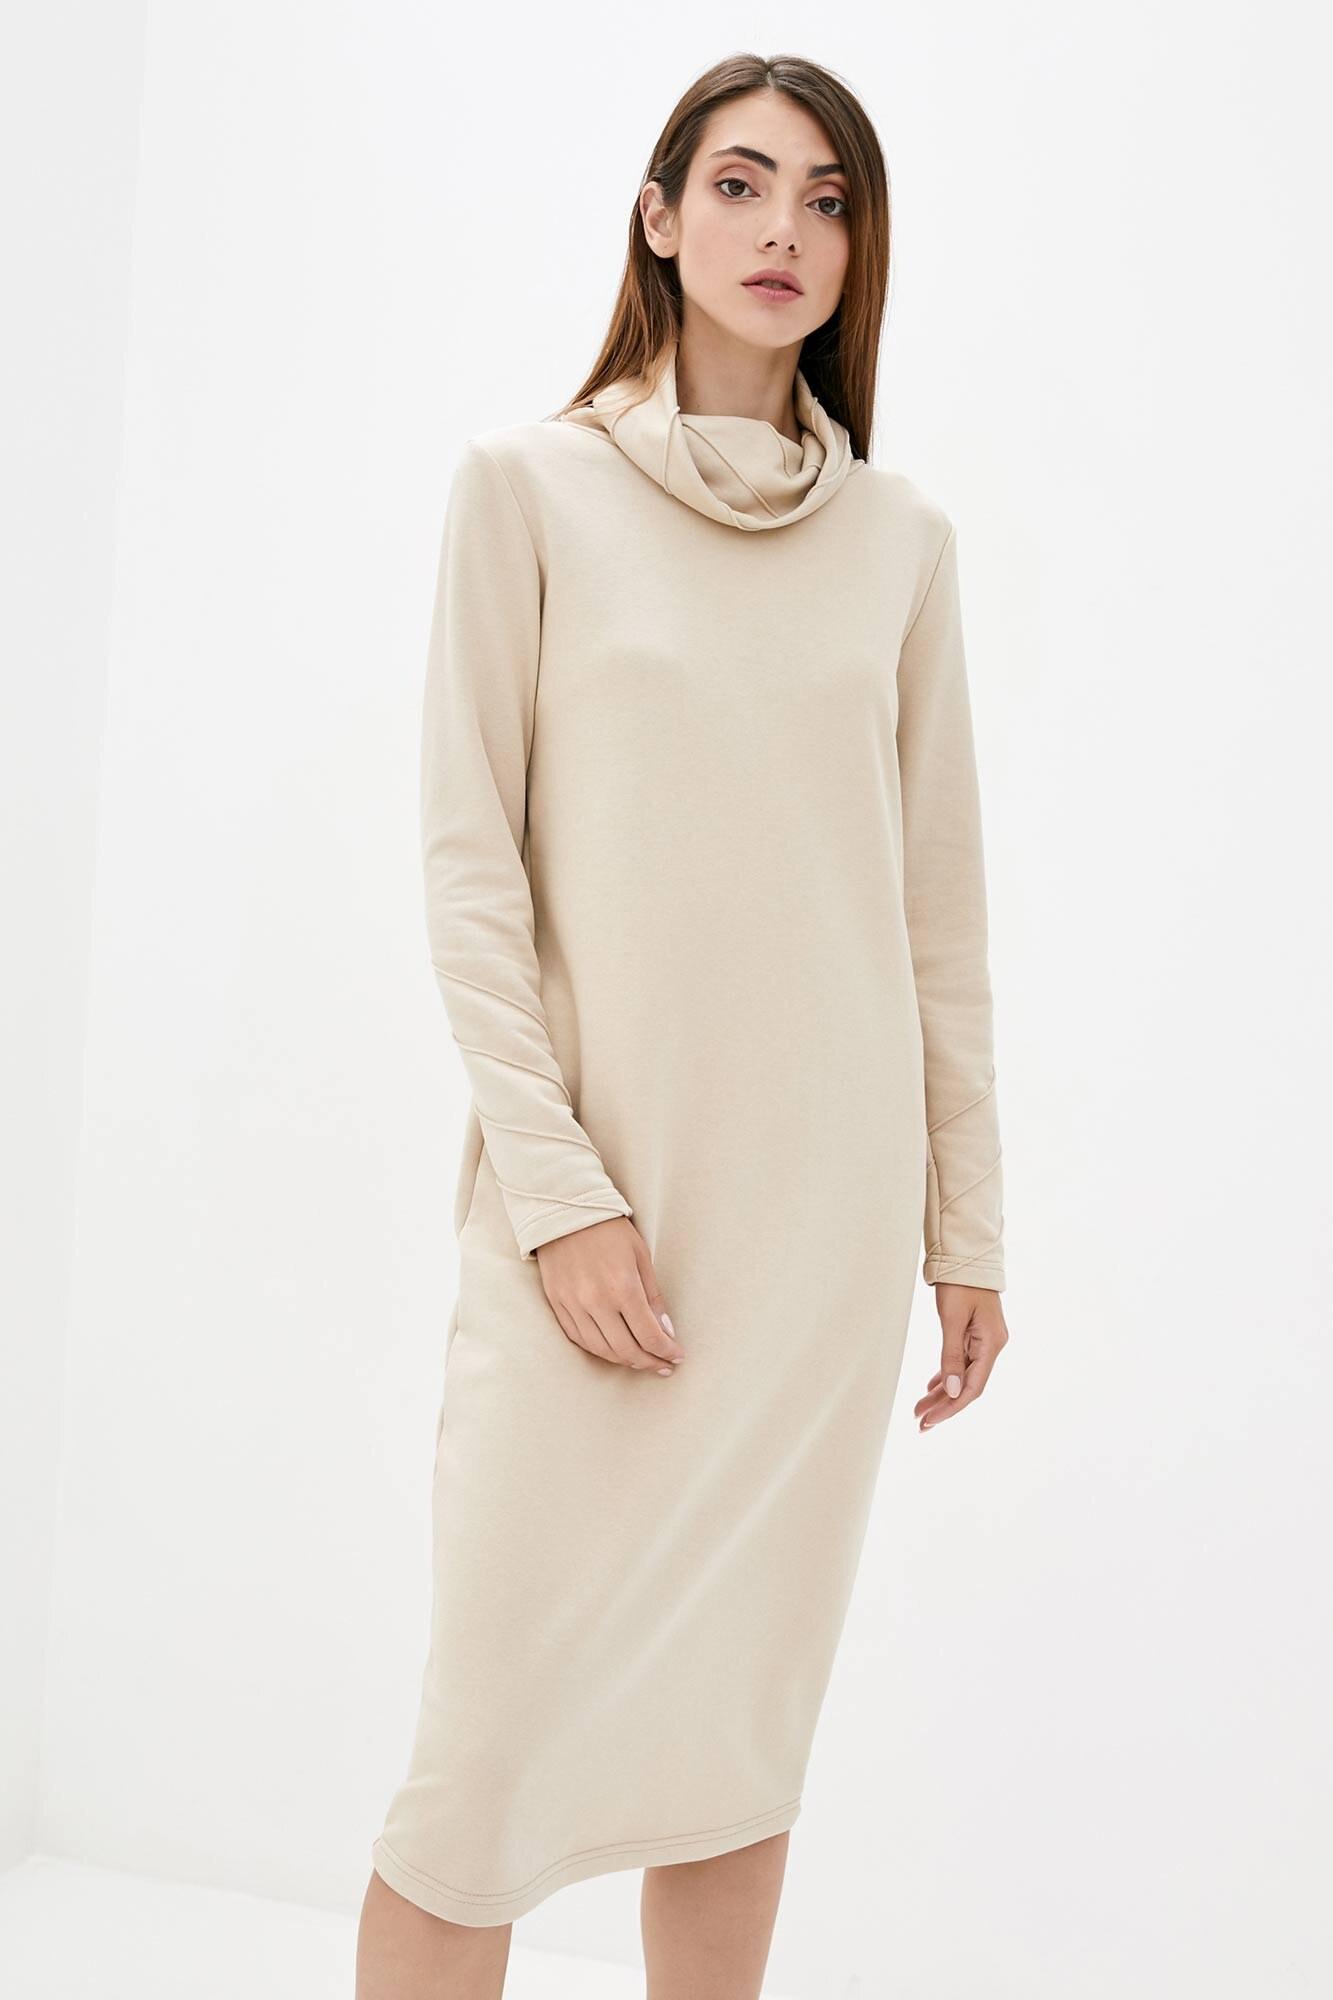 Трикотажное платье гольф бежевого цвета длиной ниже колен